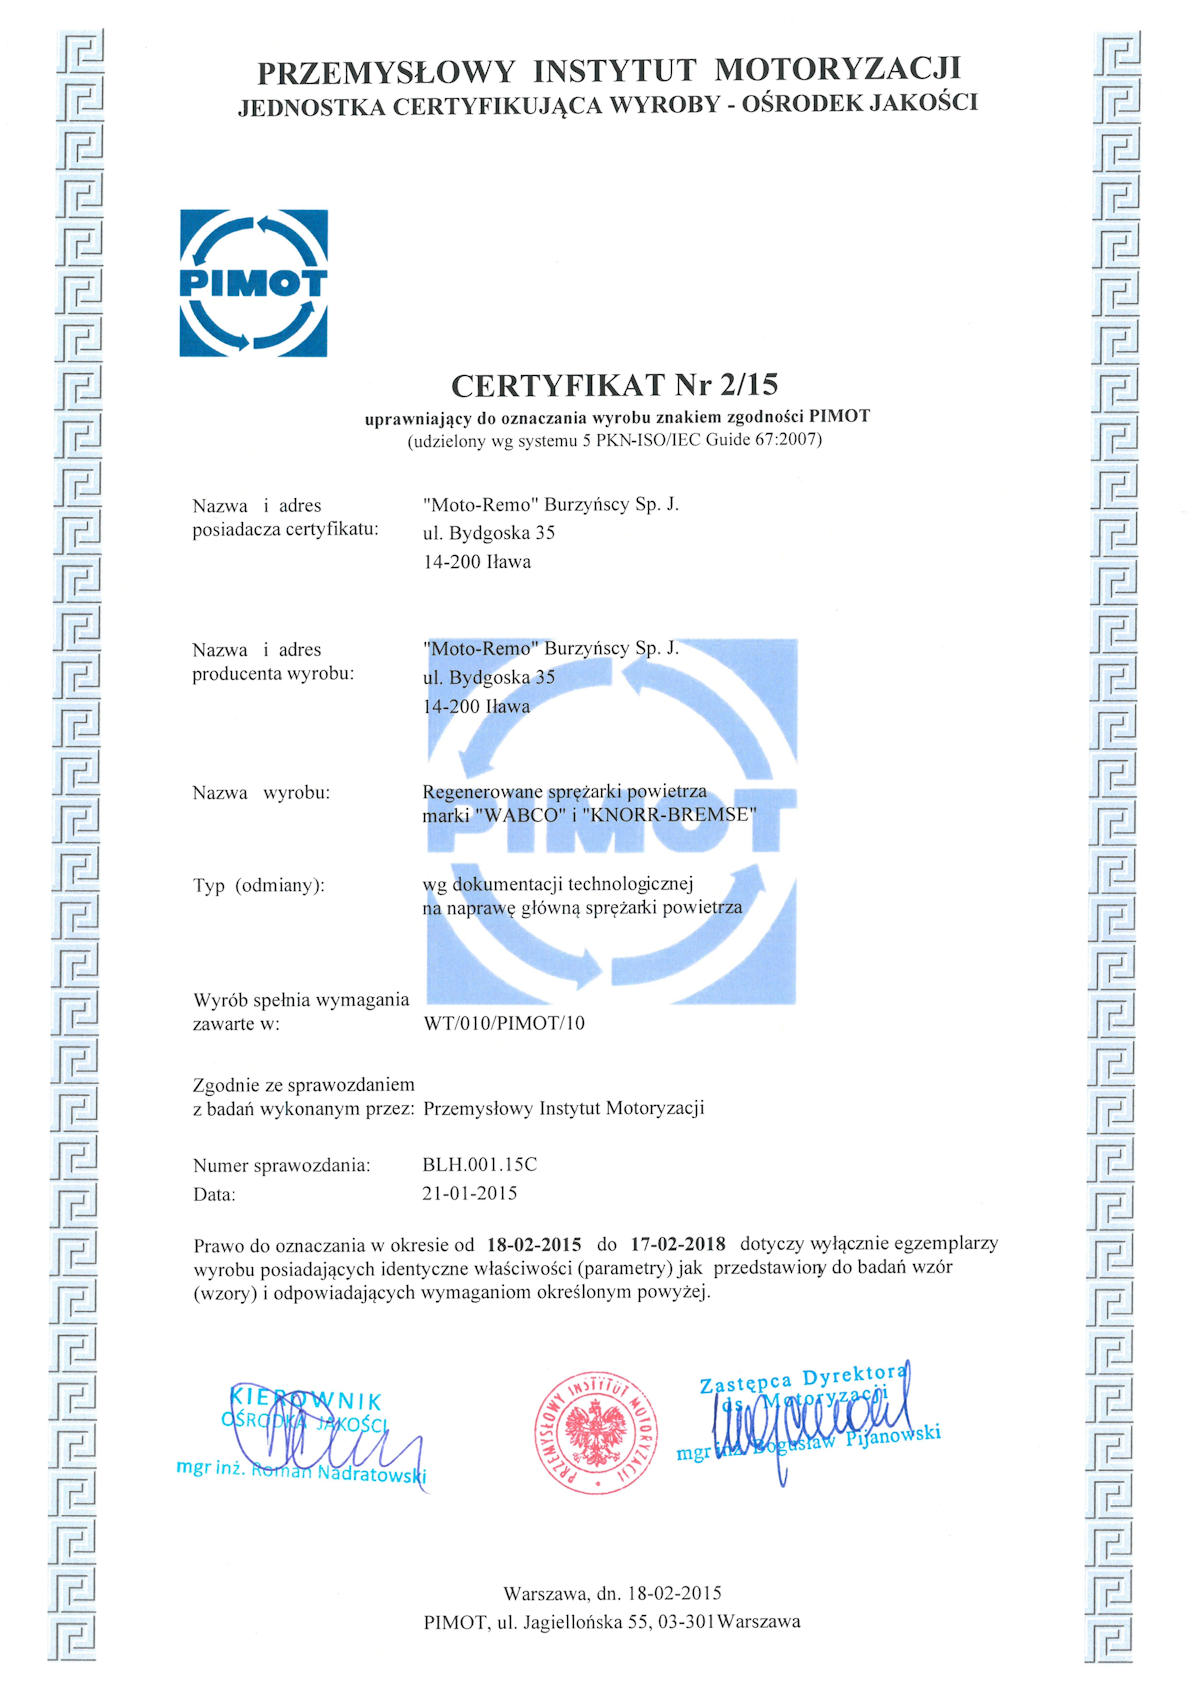 certyfikat pimot 215